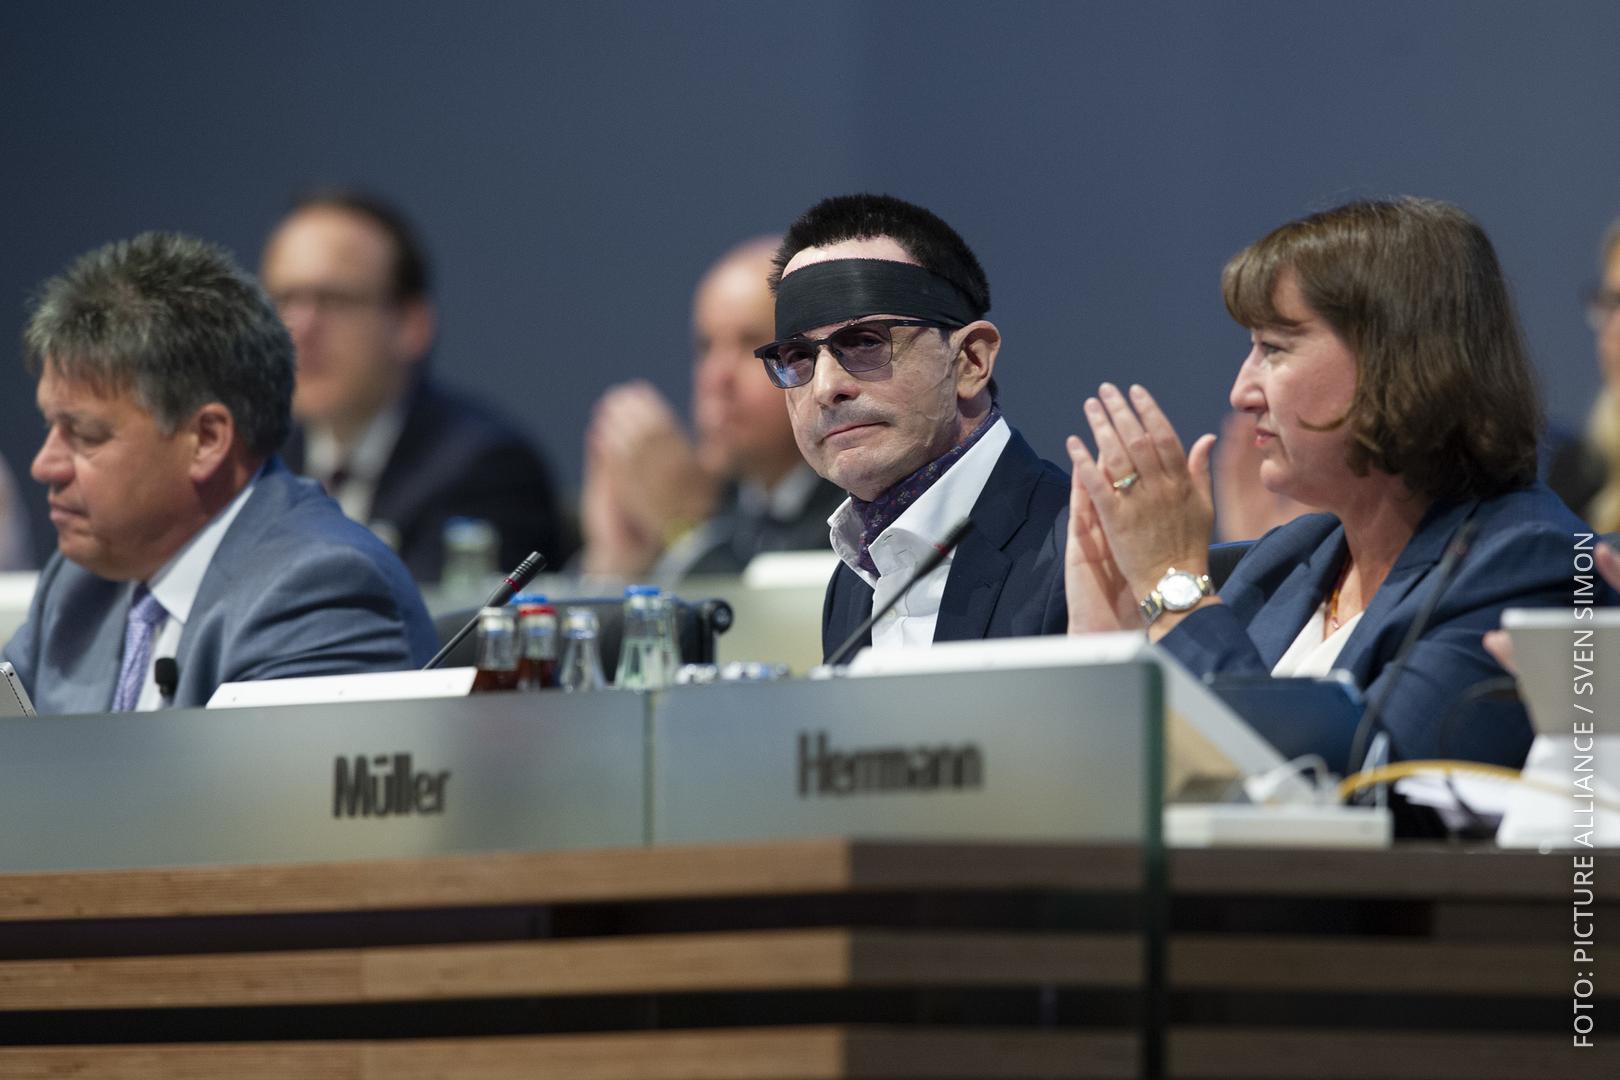 Innogy-Manager Günther bei einer Veranstaltung.